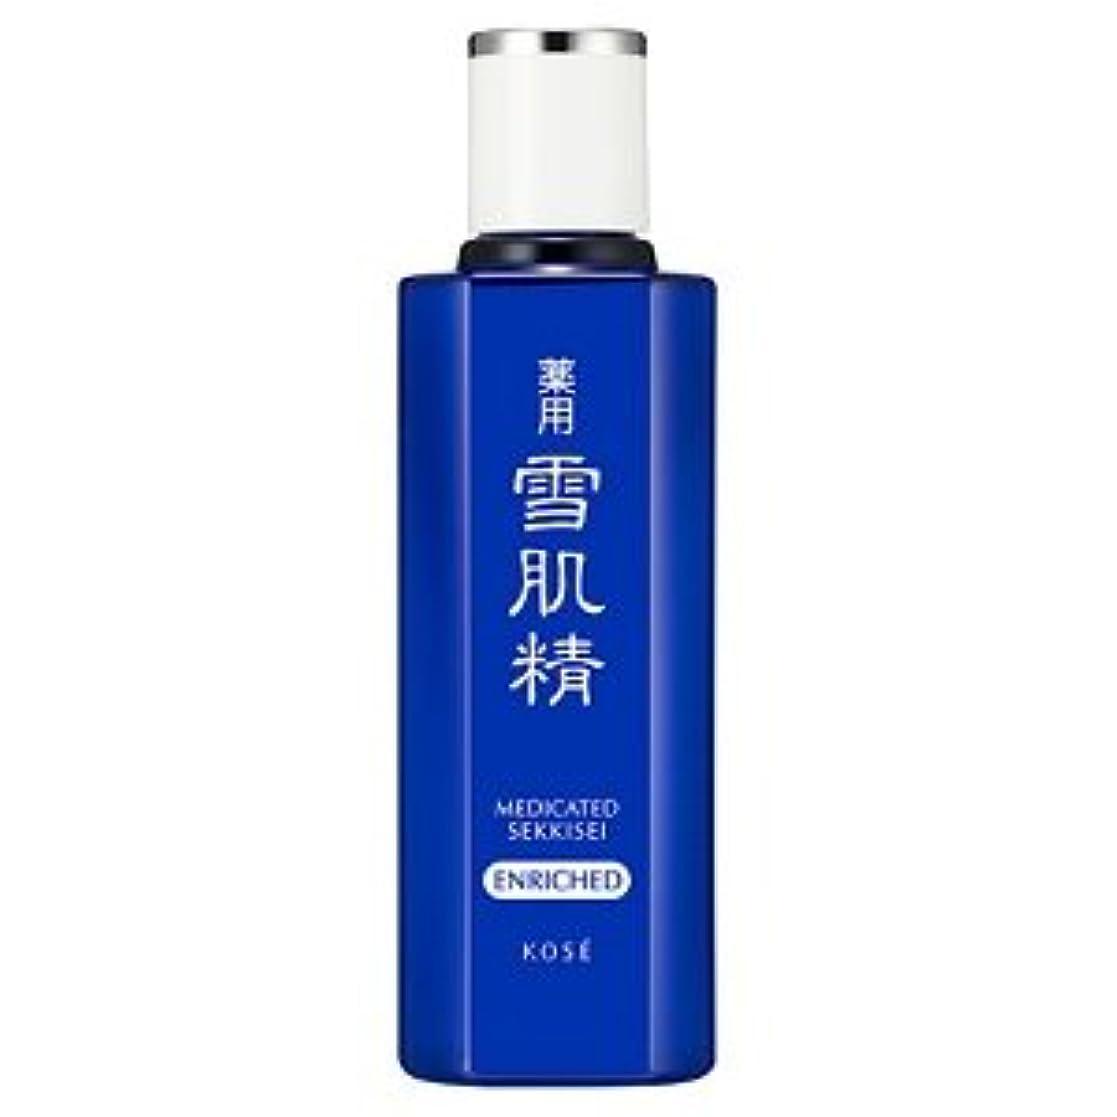 要求コストタバココーセー 雪肌精 薬用 雪肌精 エンリッチ 200ml 化粧水